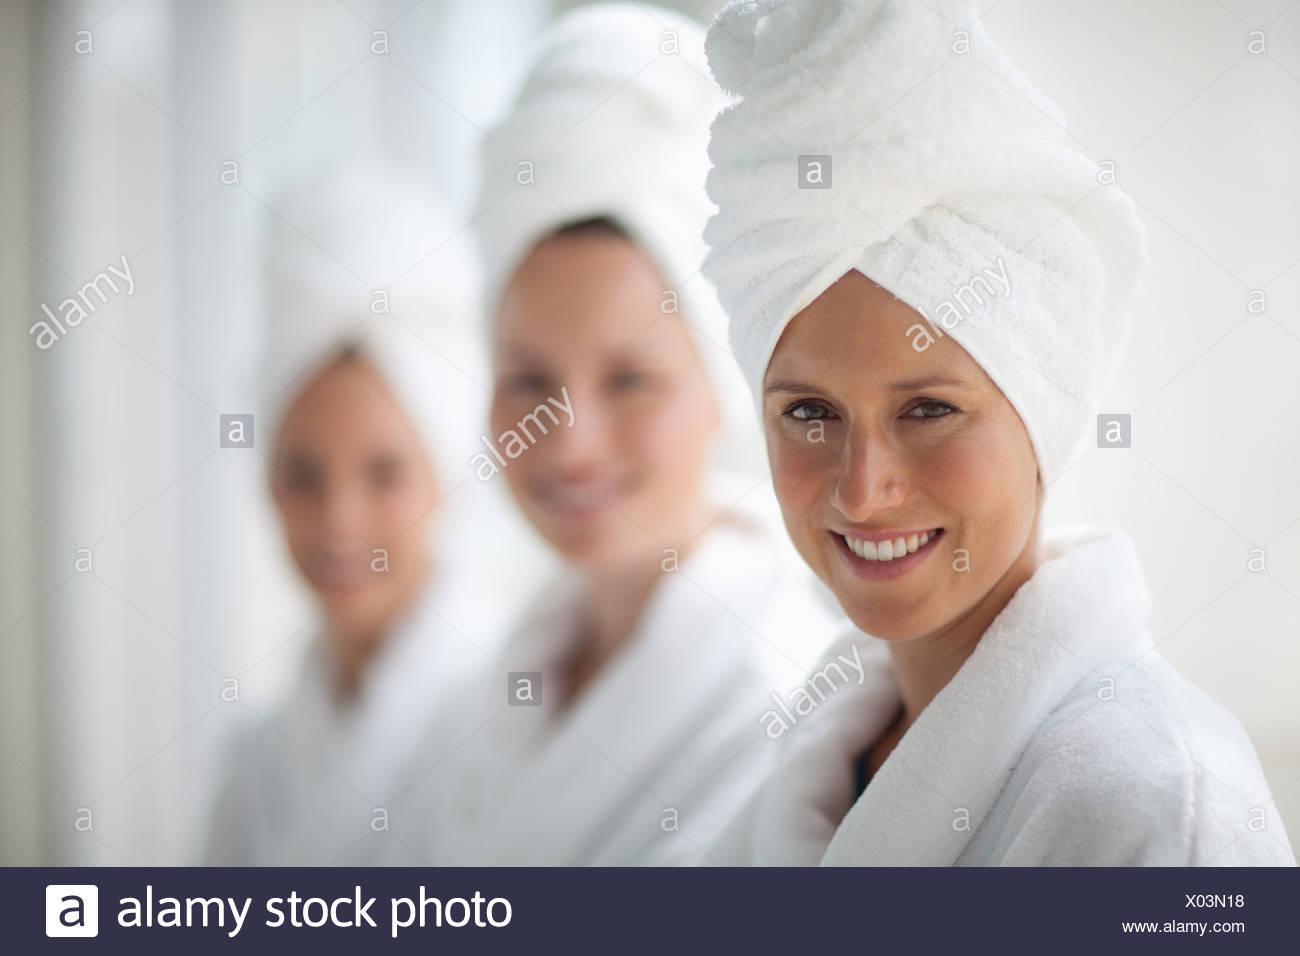 Portrait of smiling women in peignoirs et sèche enveloppée dans des serviettes de bain Photo Stock